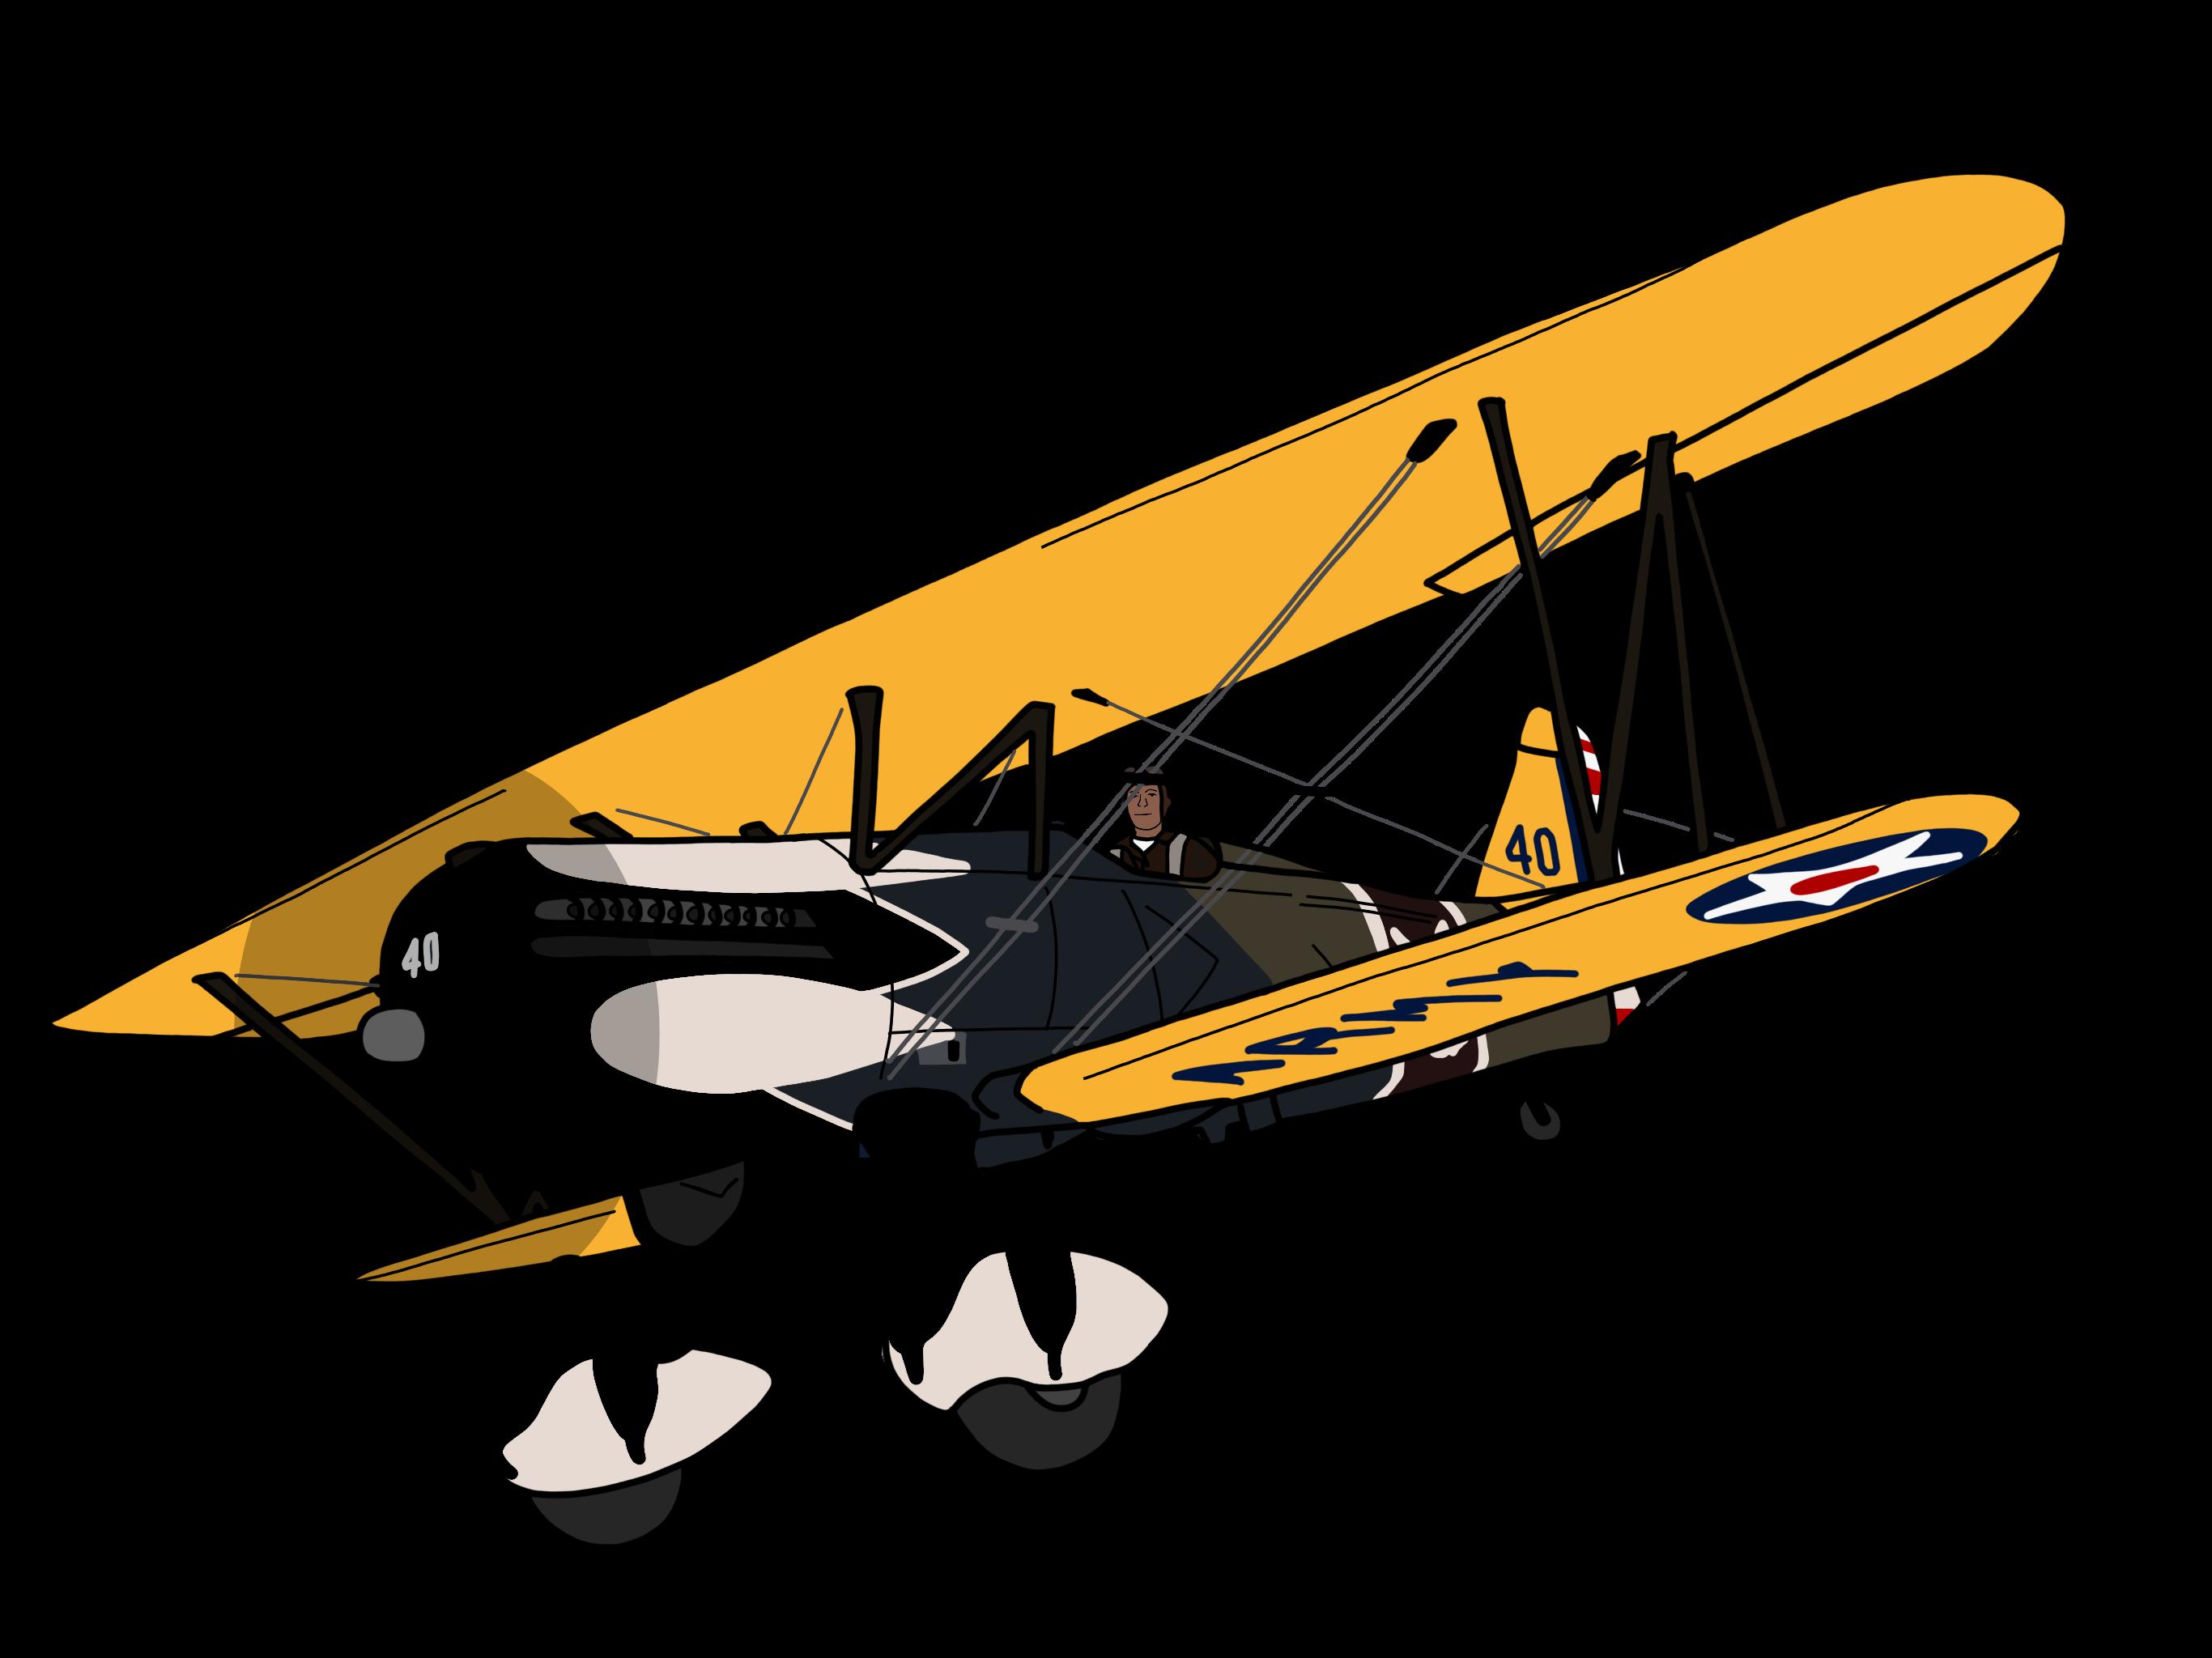 Clipart plane corsair. Curtiss p e hawk